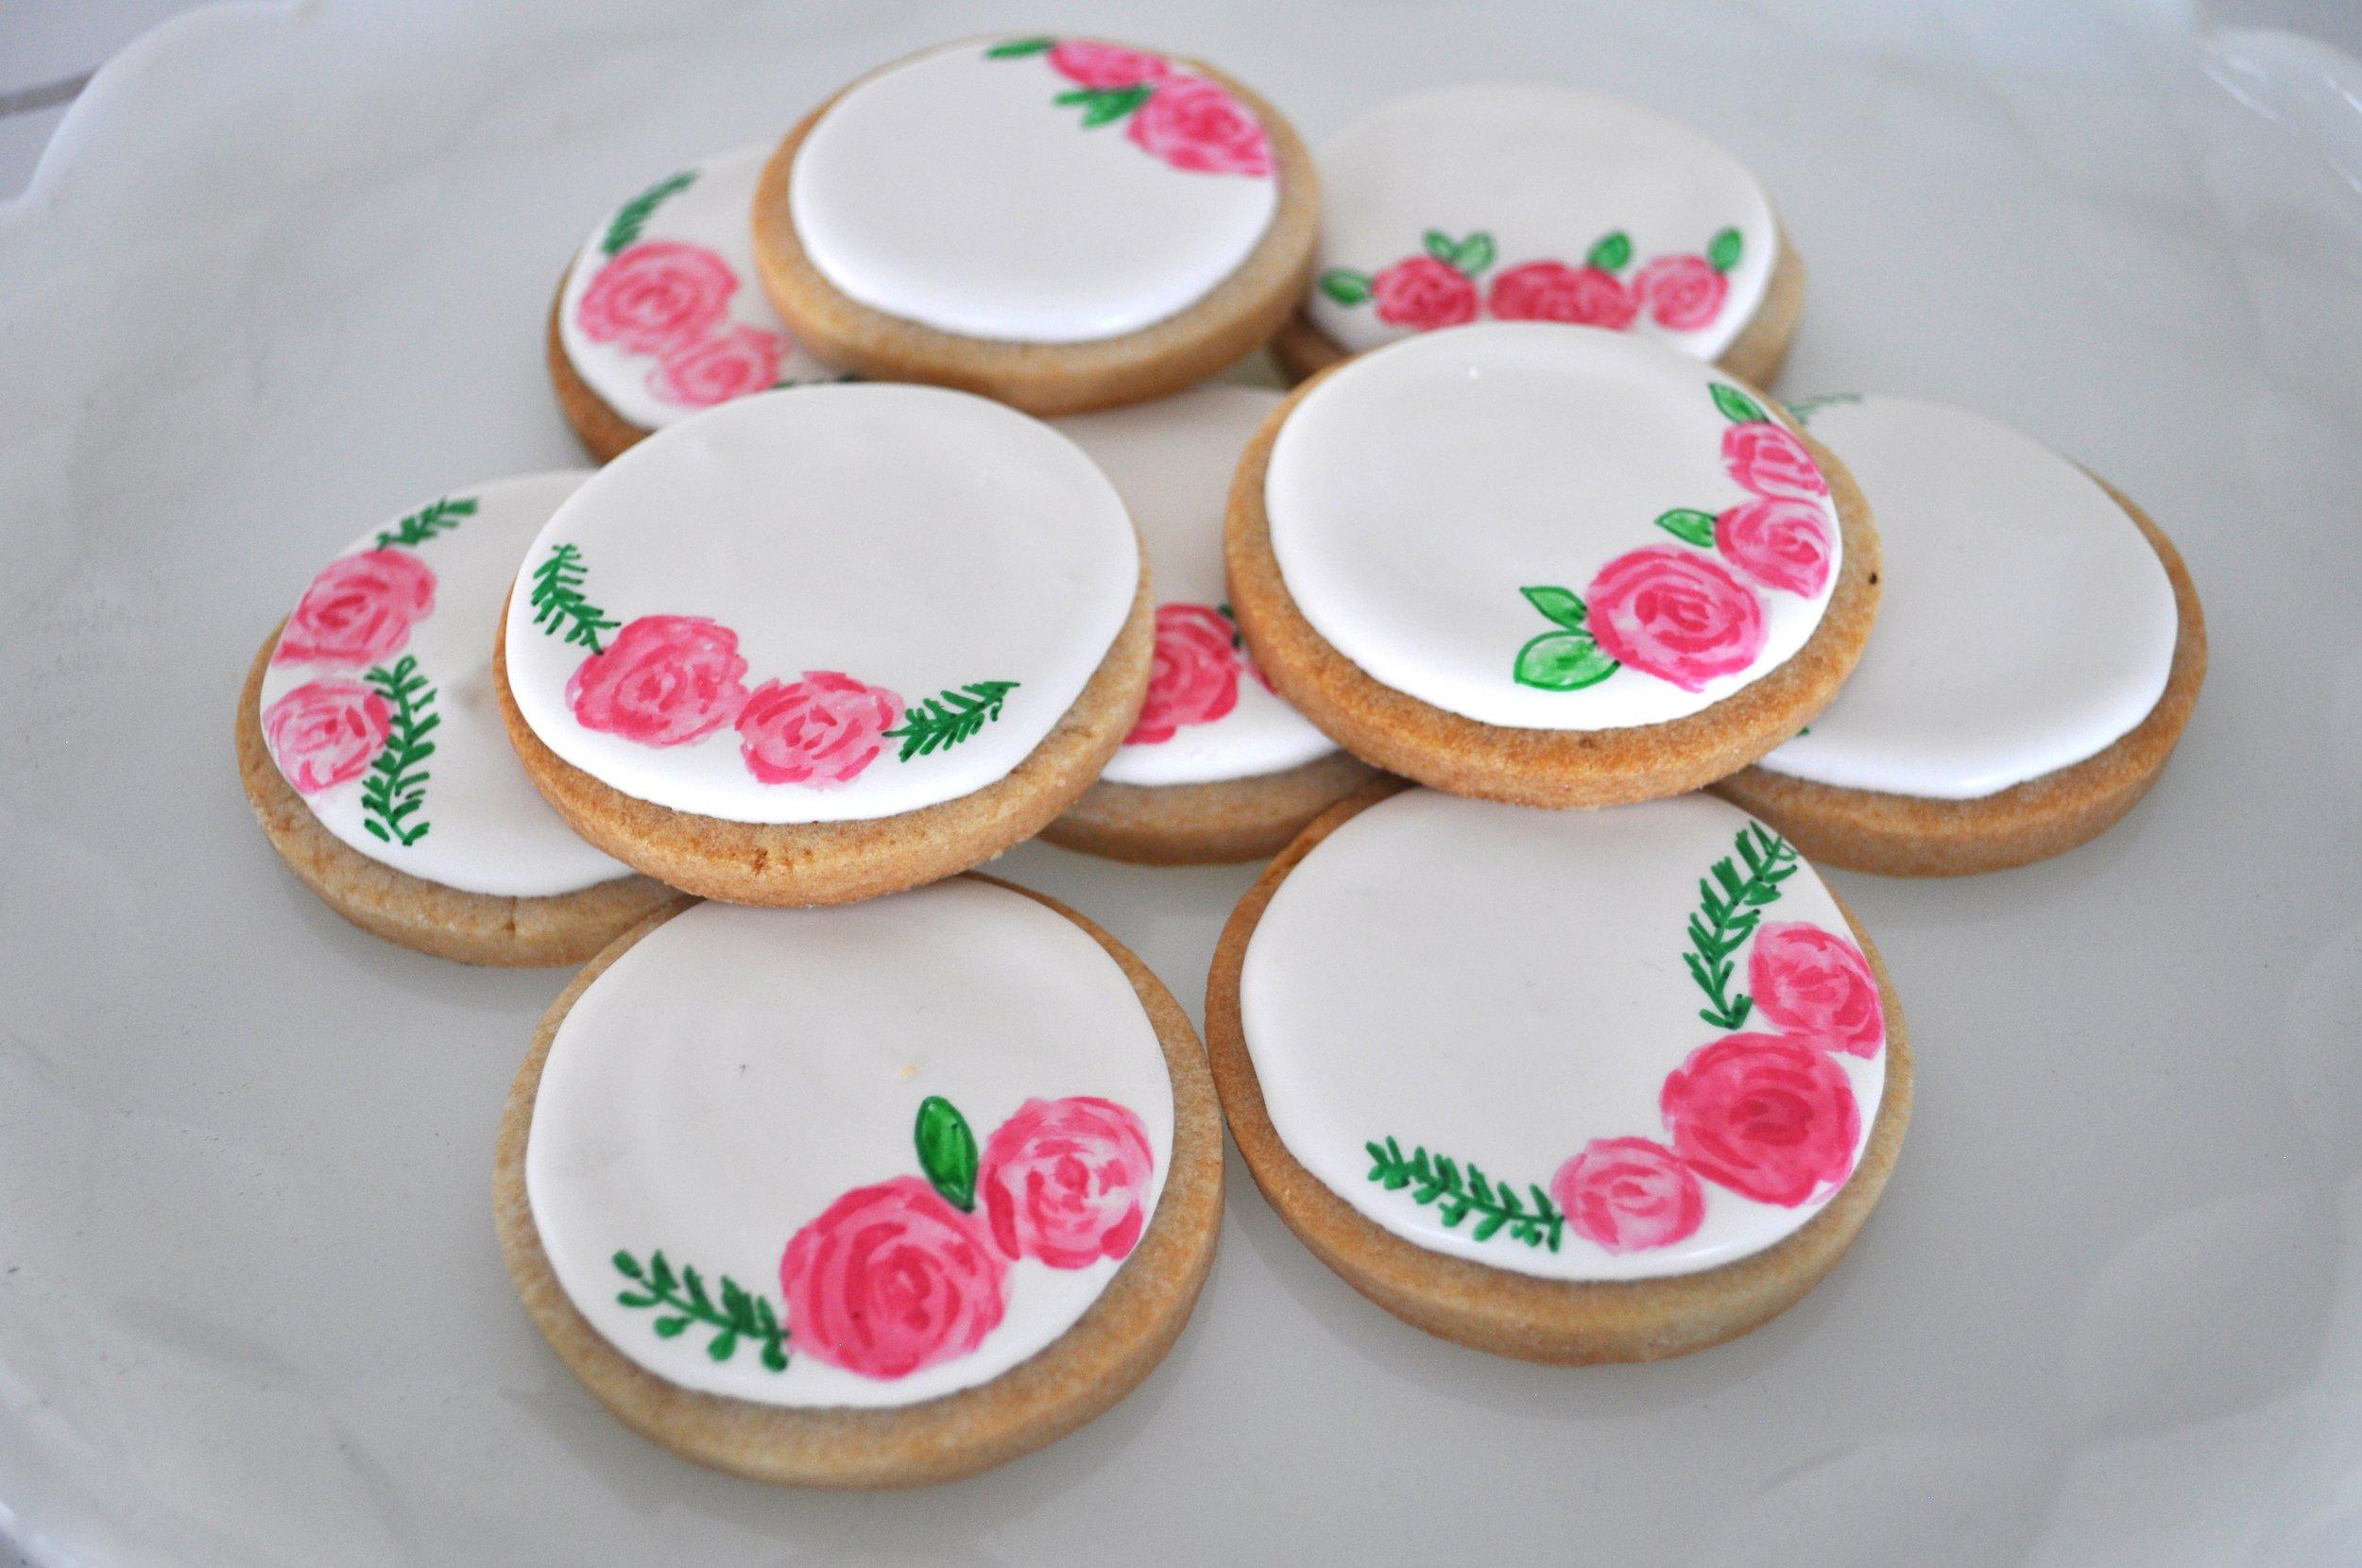 Painted Rosette Sugar Cookies.jpg